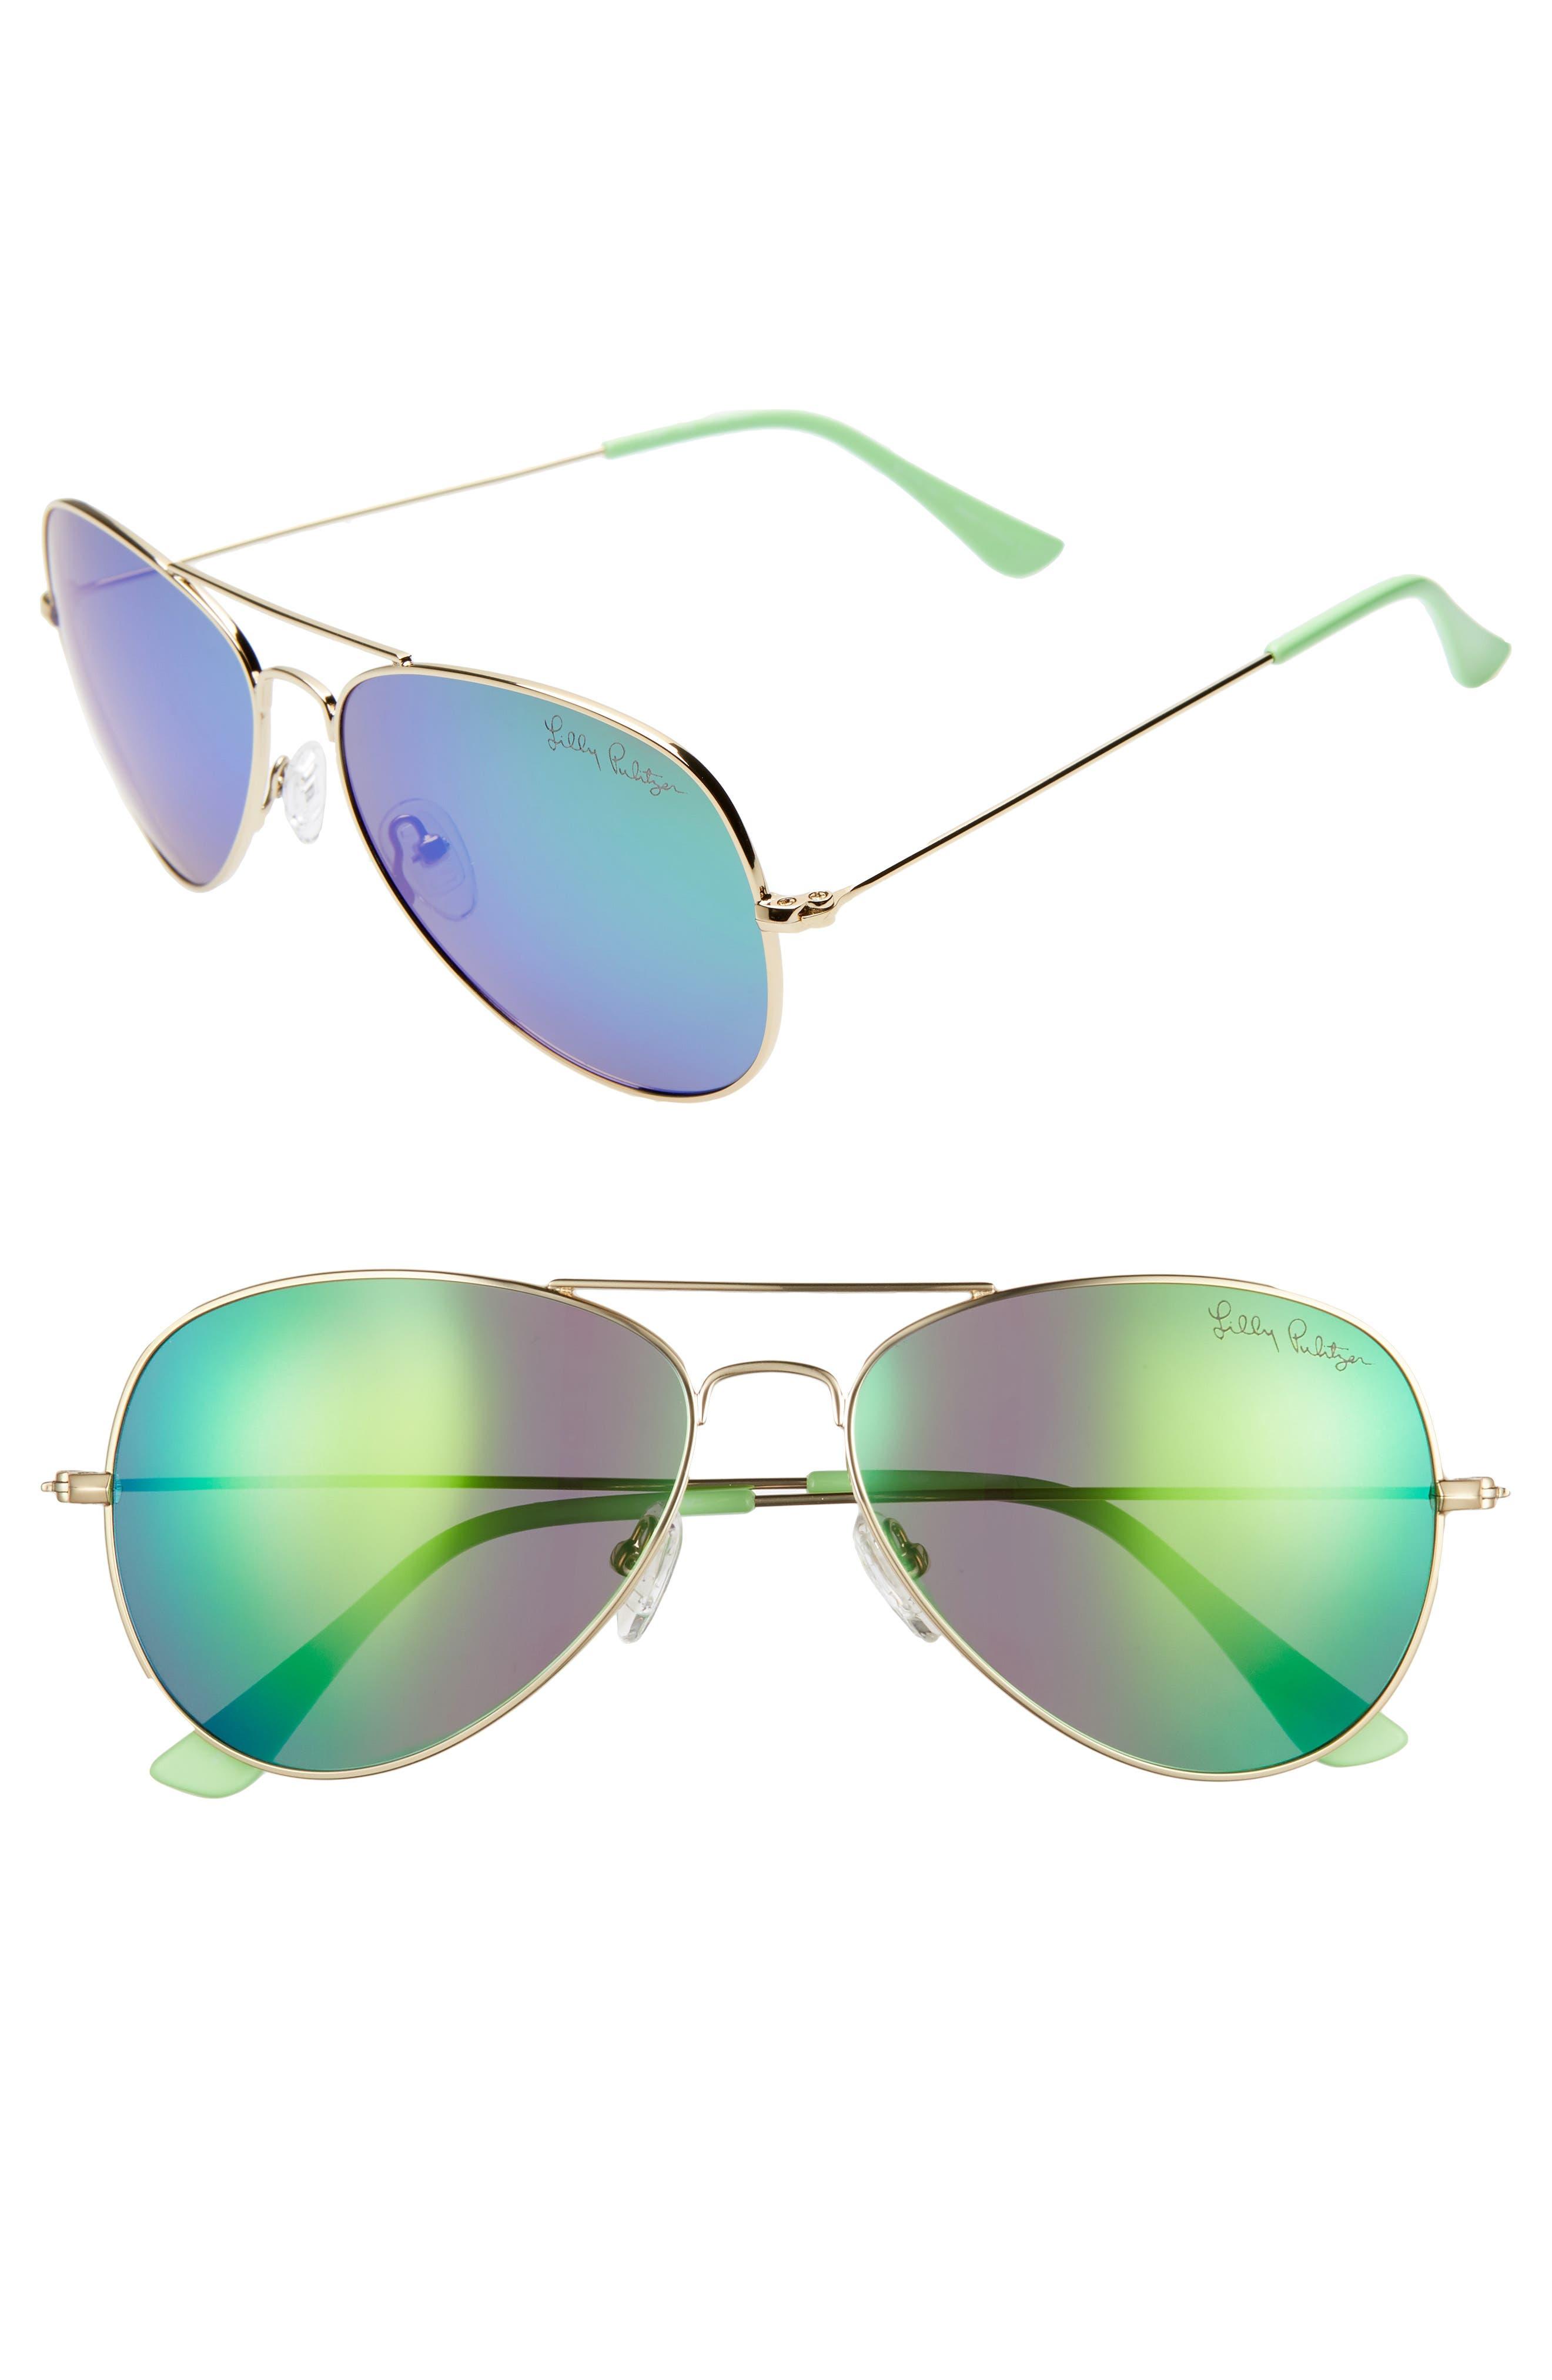 Lilly Pulitzer Lexy 5m Polarized Aviator Sunglasses - Shiny Gold/ Green Mirror